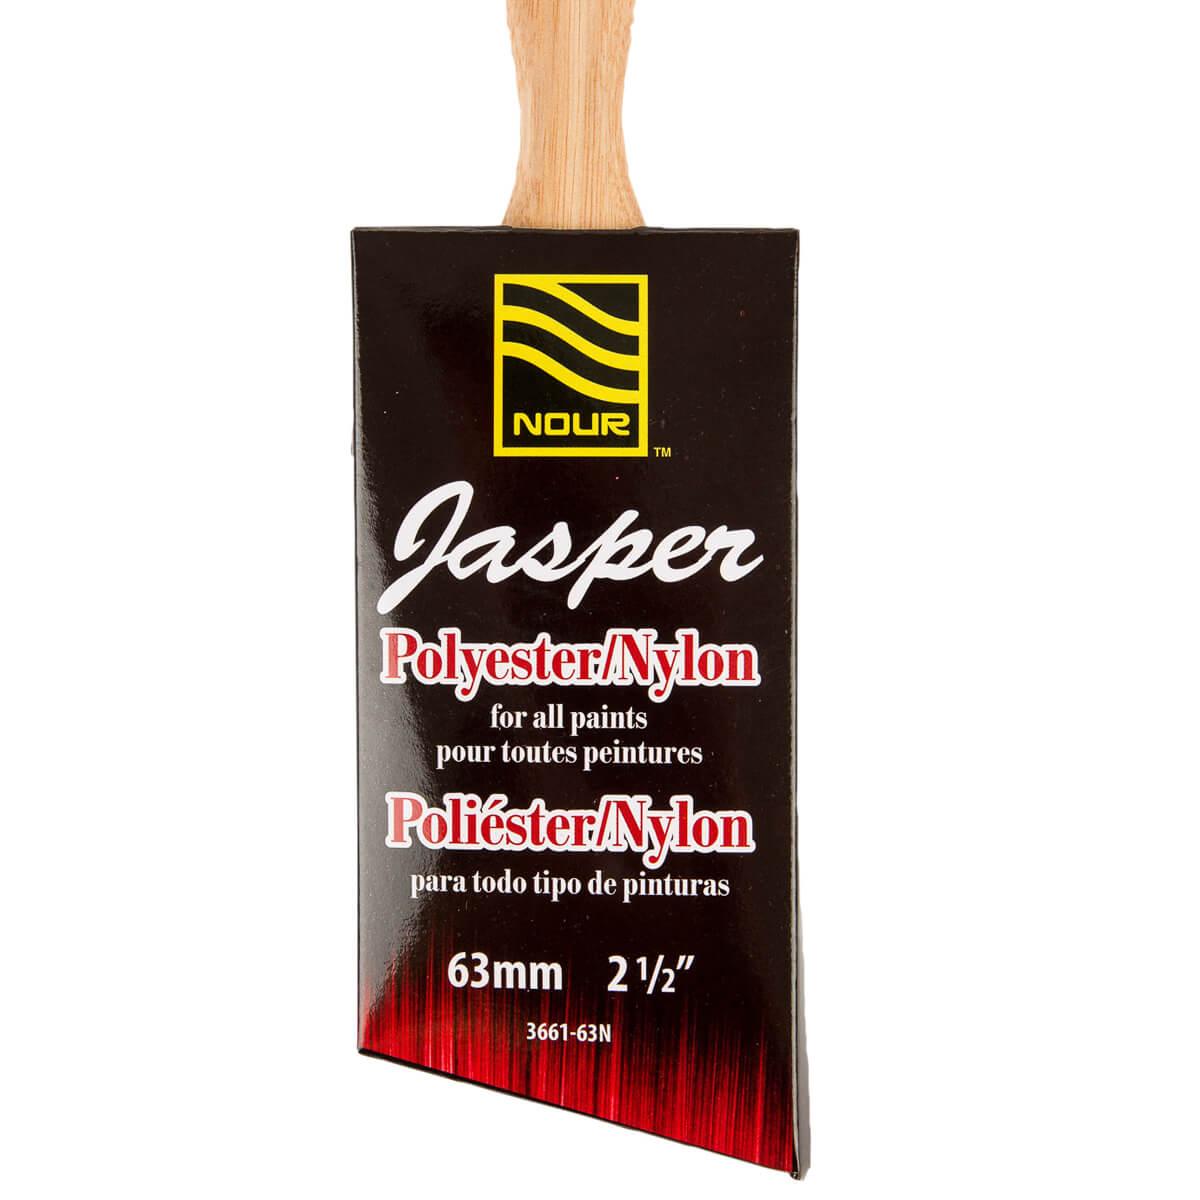 Jasper Angle Sash Paint Brush - 1 1/2-in